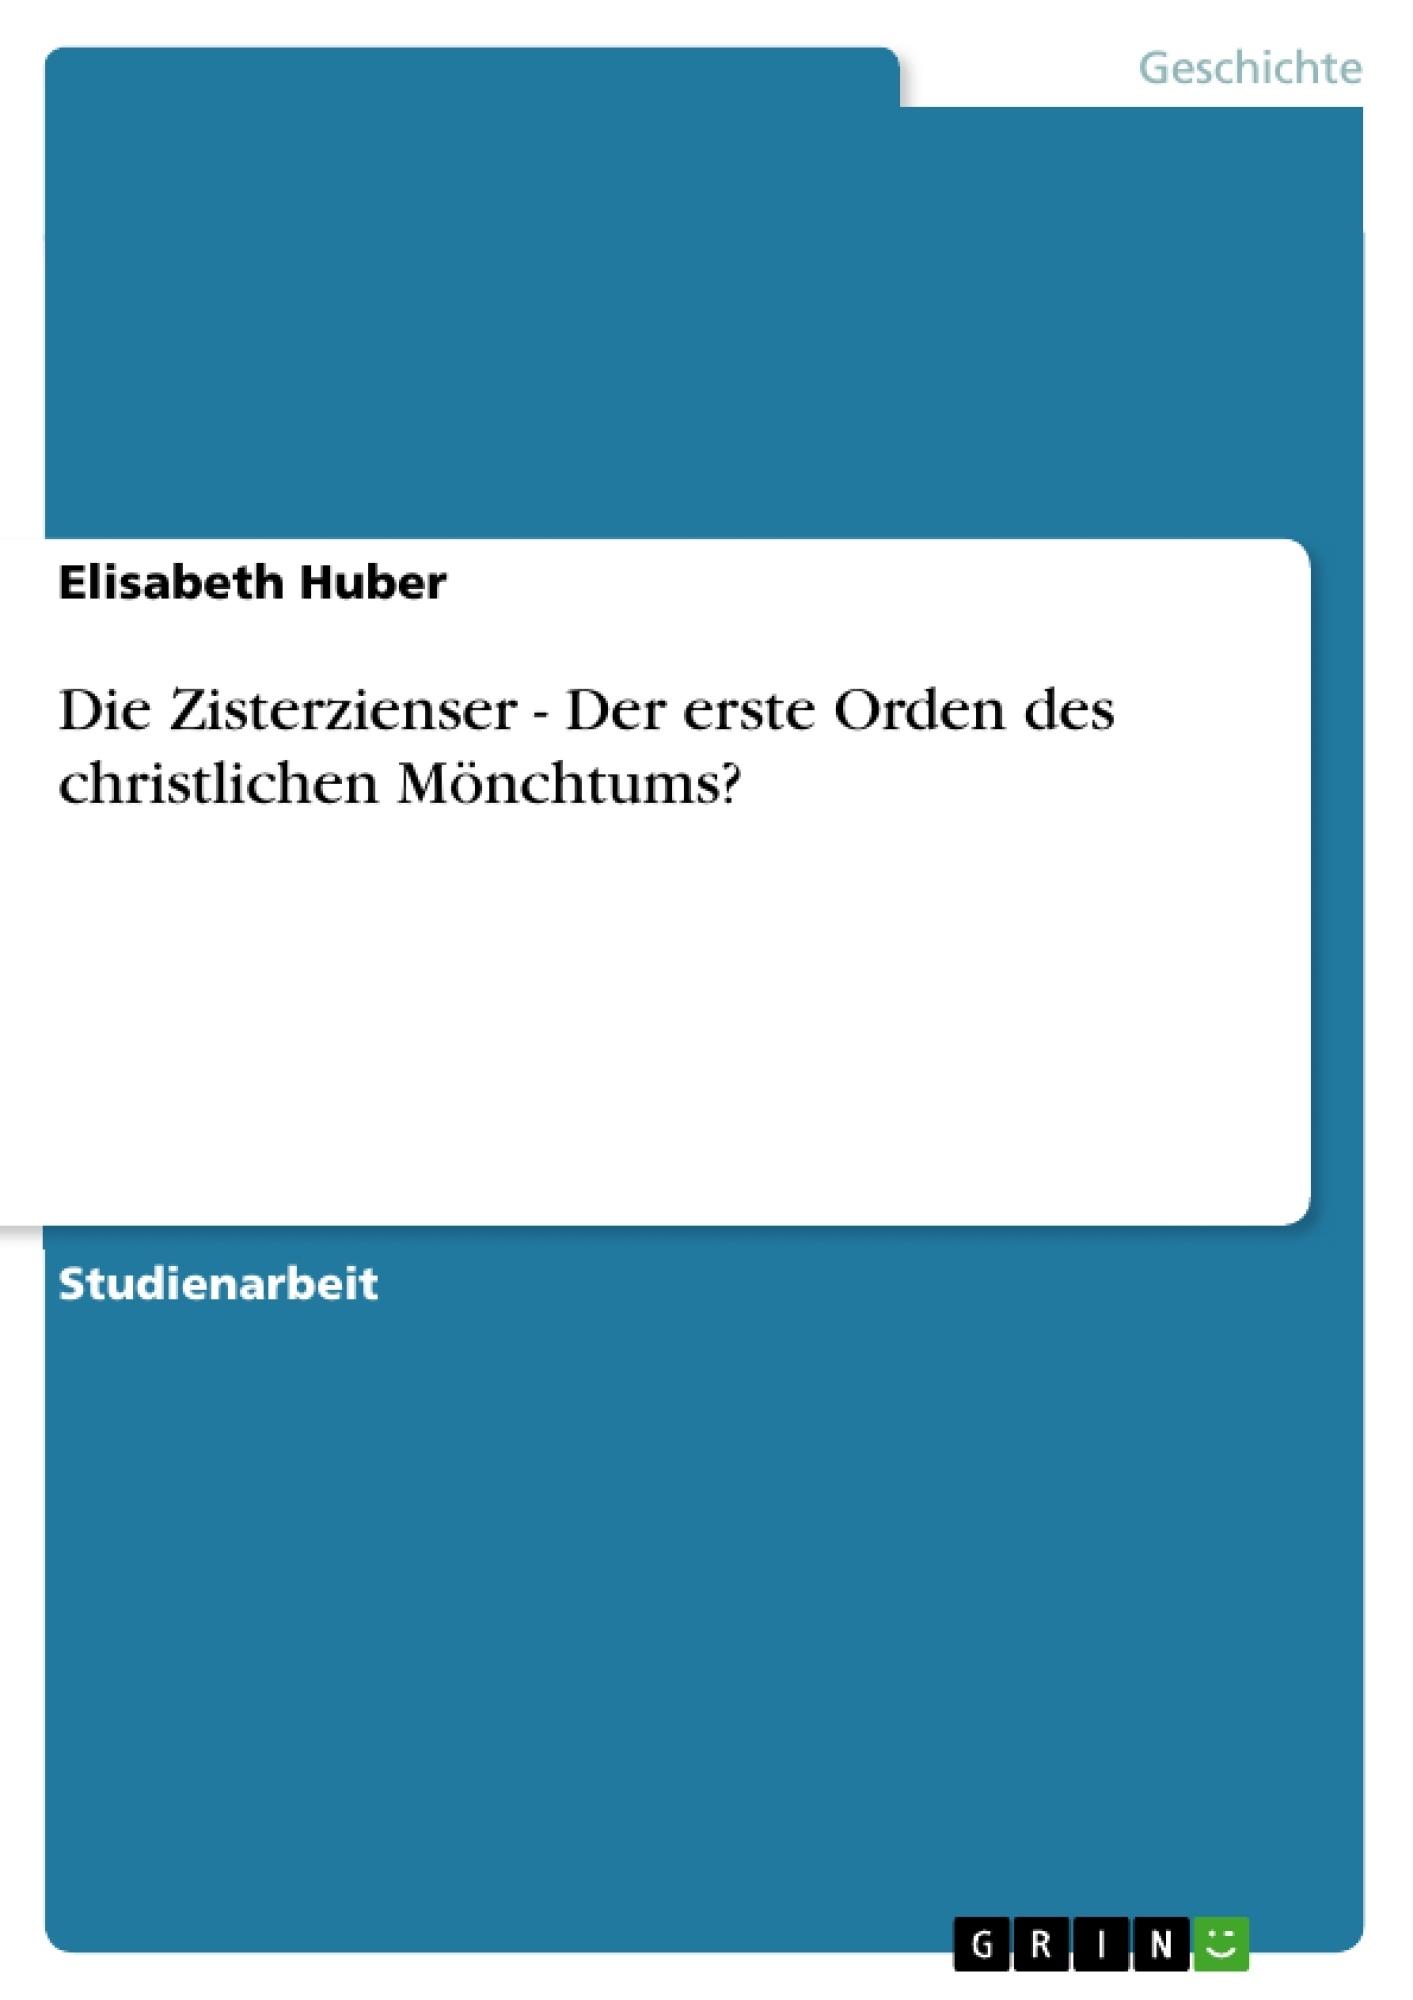 Titel: Die Zisterzienser - Der erste Orden des christlichen Mönchtums?